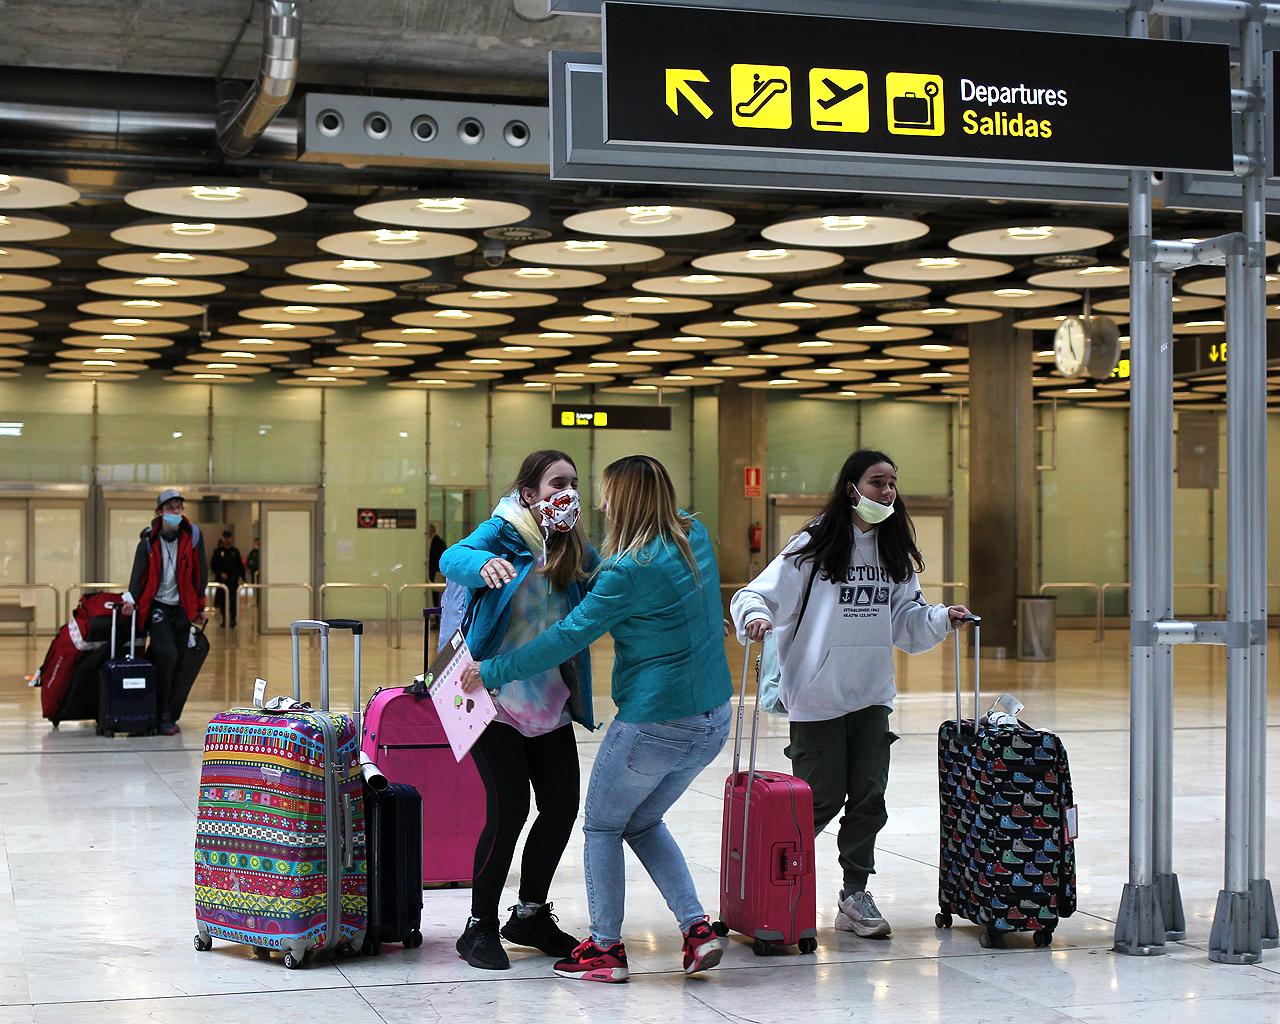 Abrazos en la Terminal 4 del aeropuerto Adolfo Suárez Madrid Barajas. 13/05/2020.